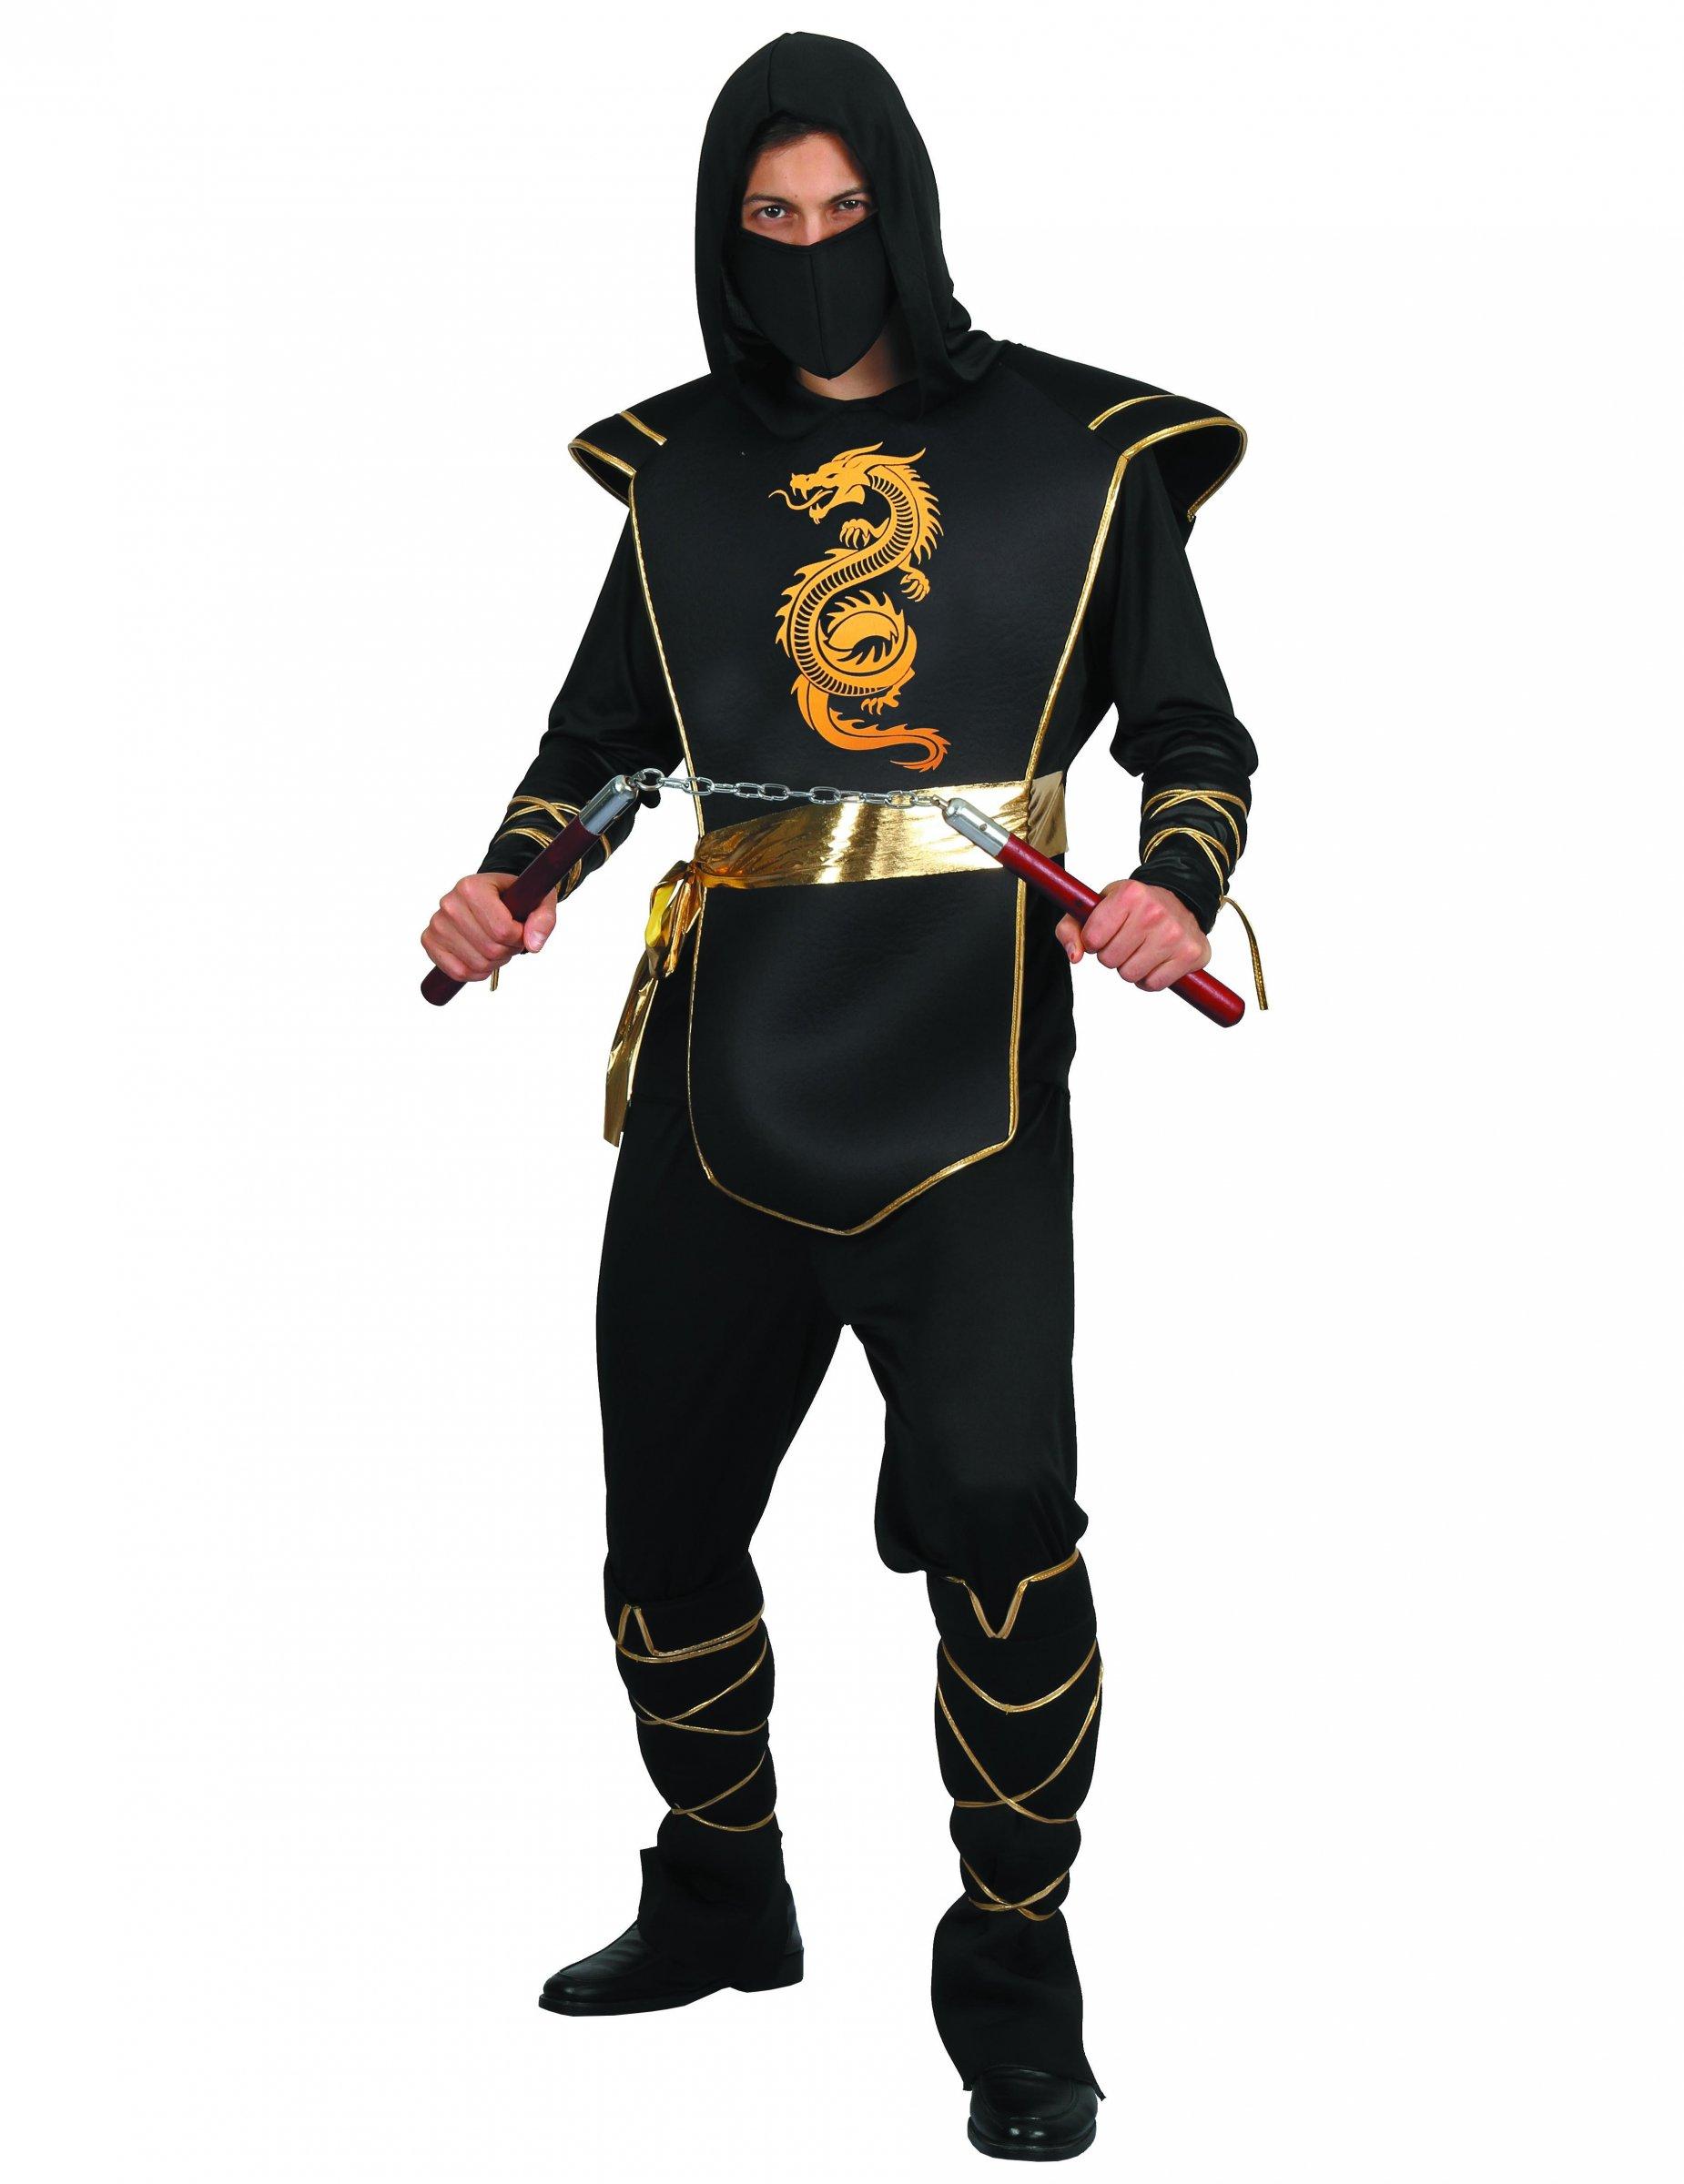 d4c9e99930449 Déguisement ninja noir et doré homme   Deguise-toi